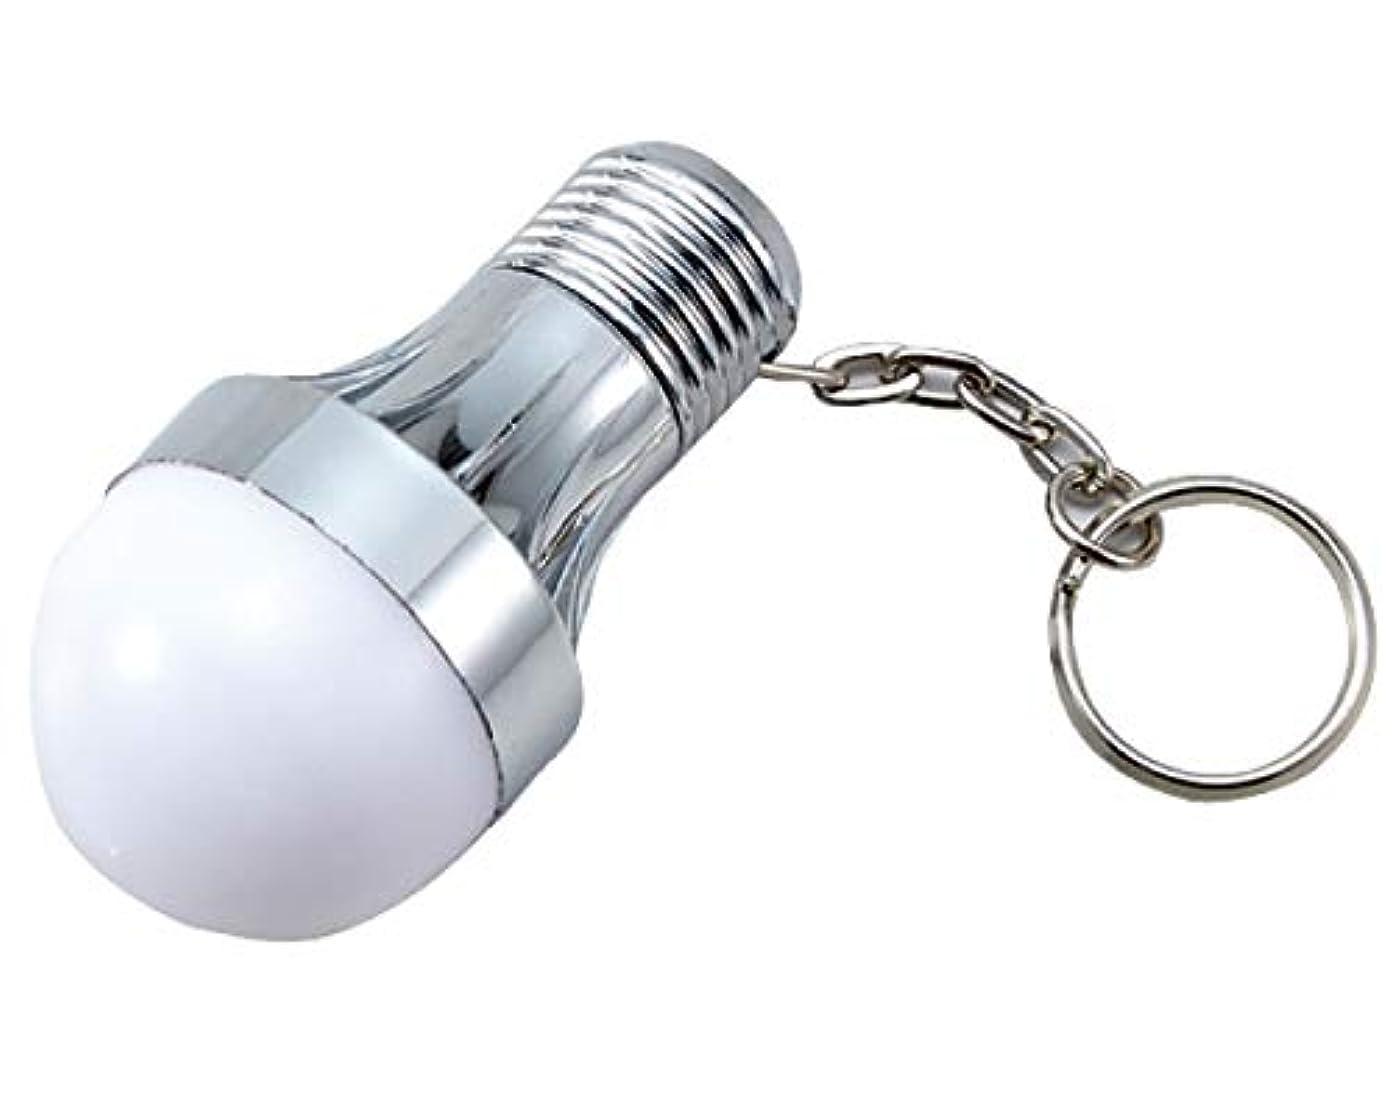 嫌い現在期待する豆球型 LEDライト キーホルダー ライト 灯り 豆電球 携帯 つける 防災 レジャー